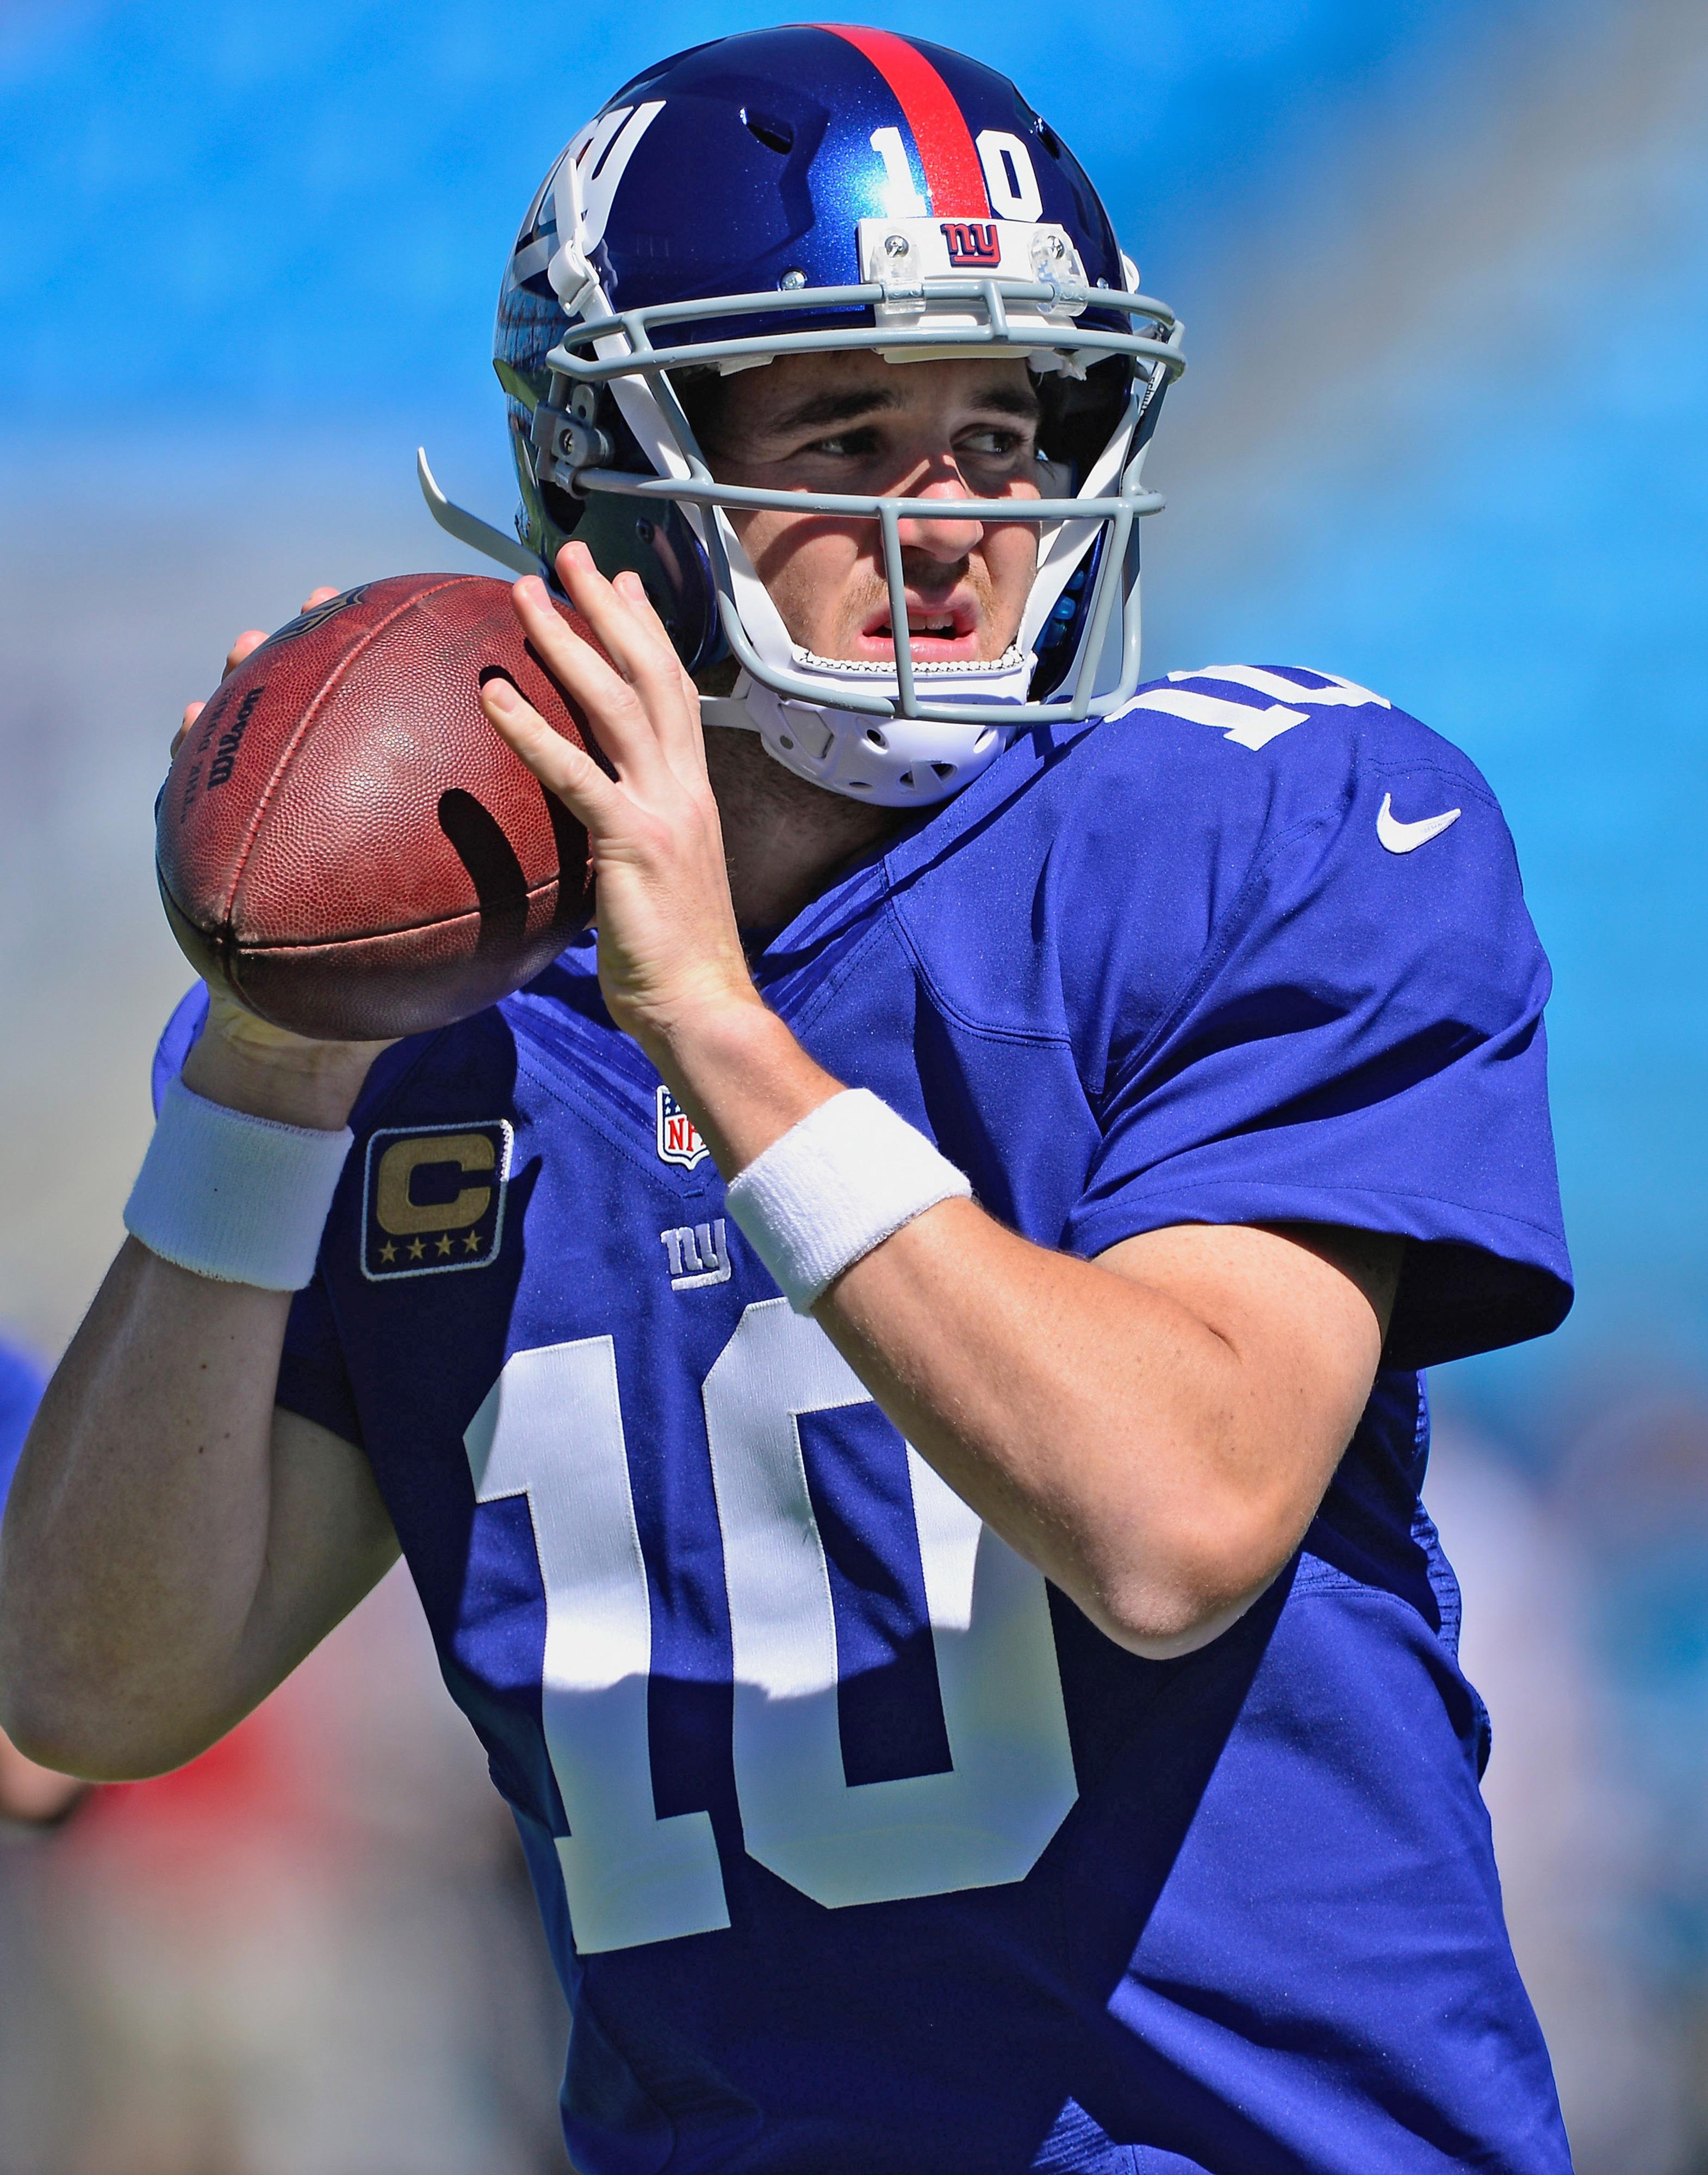 Eli Manning warming up before Sunday's game vs. Carolina.